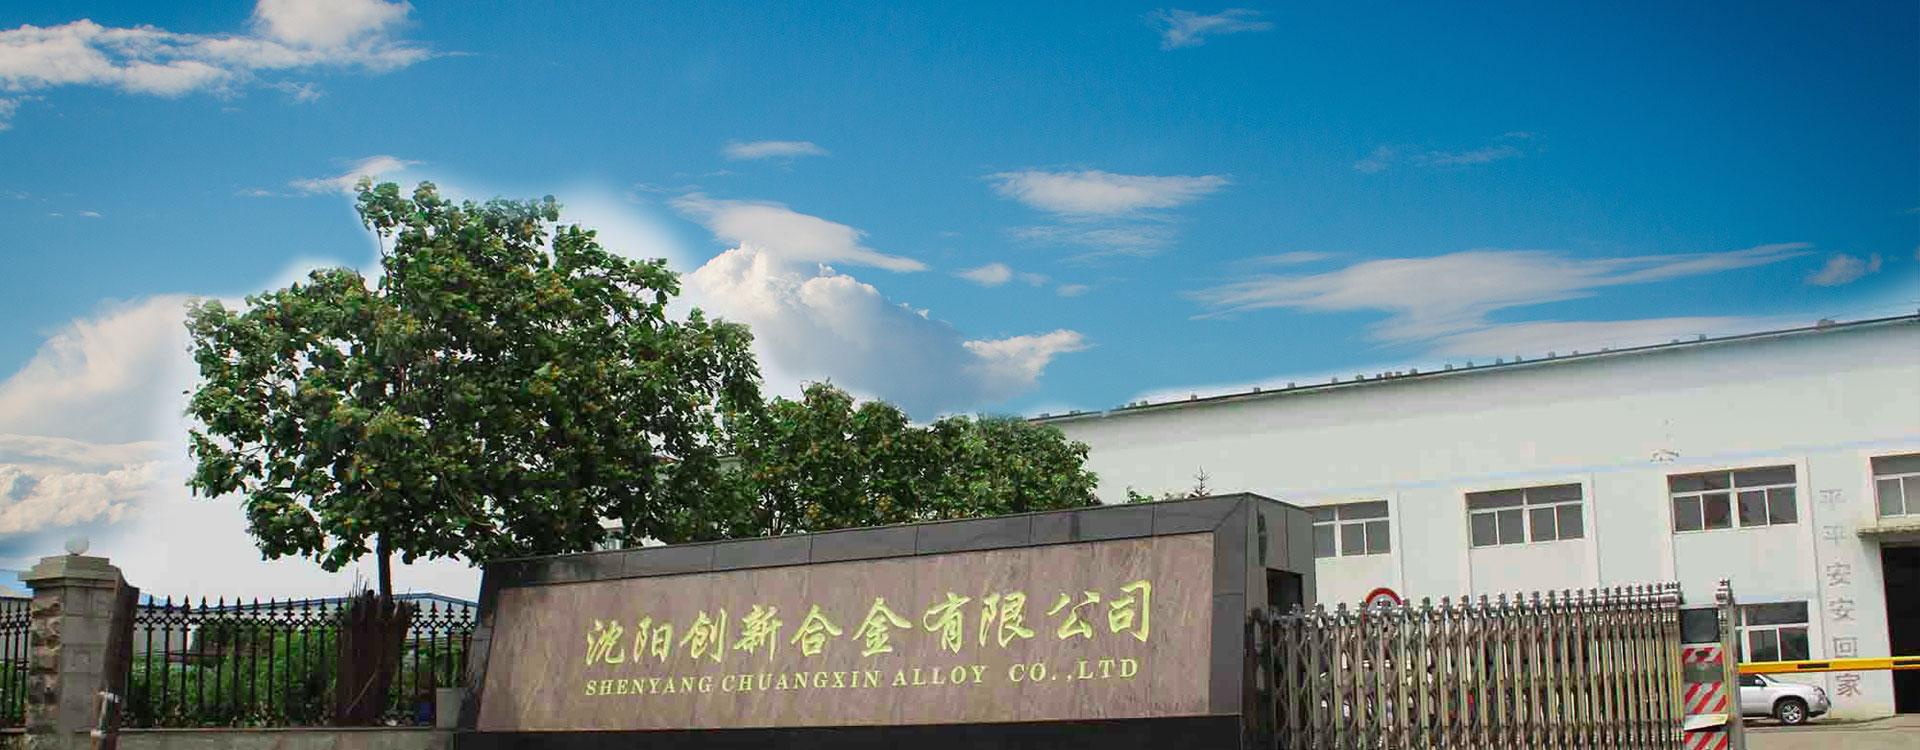 沈阳创新合金有限公司坐落于东北老工业基地——沈阳,企业前身为